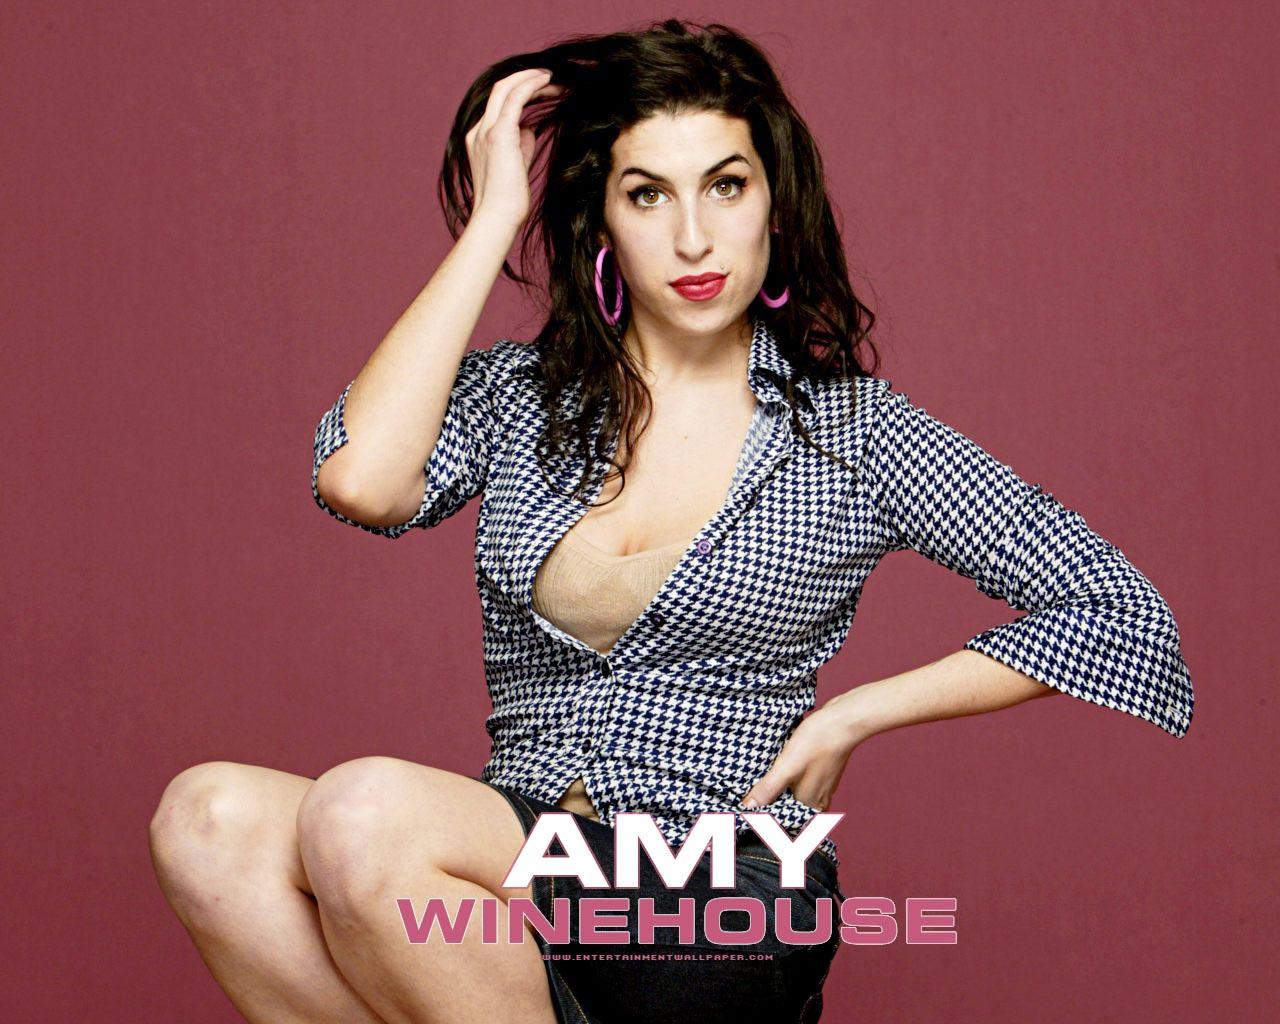 http://1.bp.blogspot.com/-091C59ZQZF0/TitFnSE-buI/AAAAAAAAU0g/ztRv-K4vTyU/s1600/amy_winehouse09.jpg